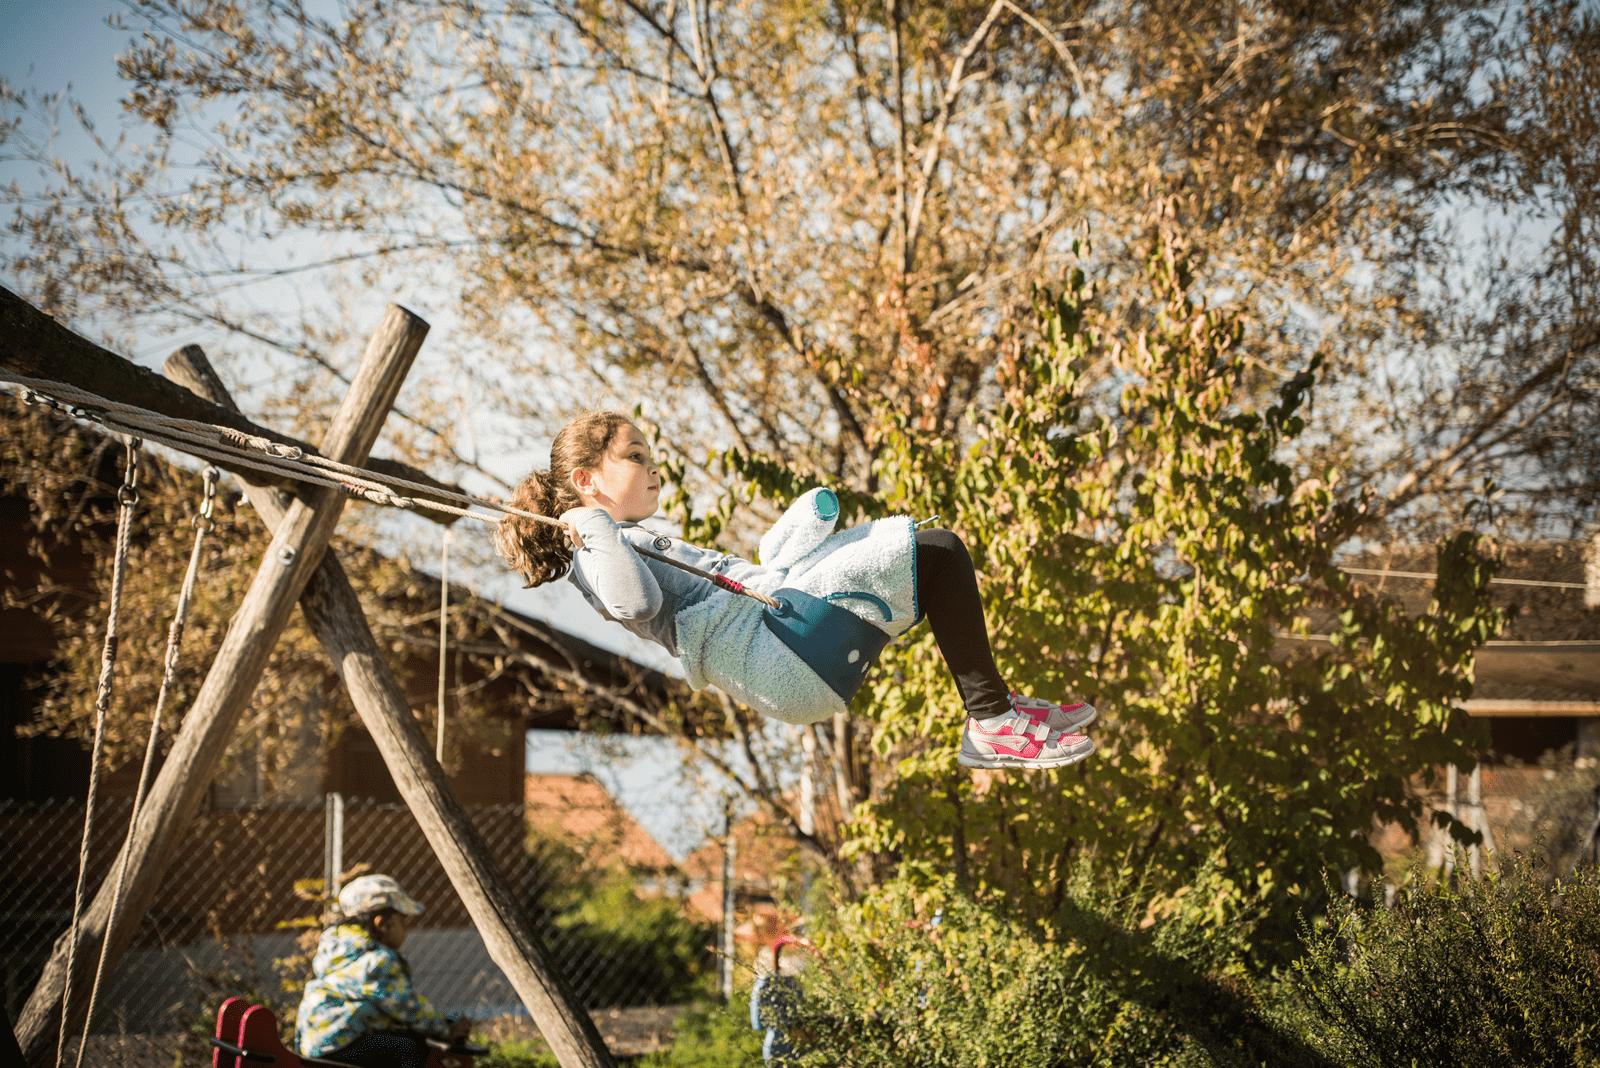 Mädchen auf dem Spielplatz am Schaukeln.